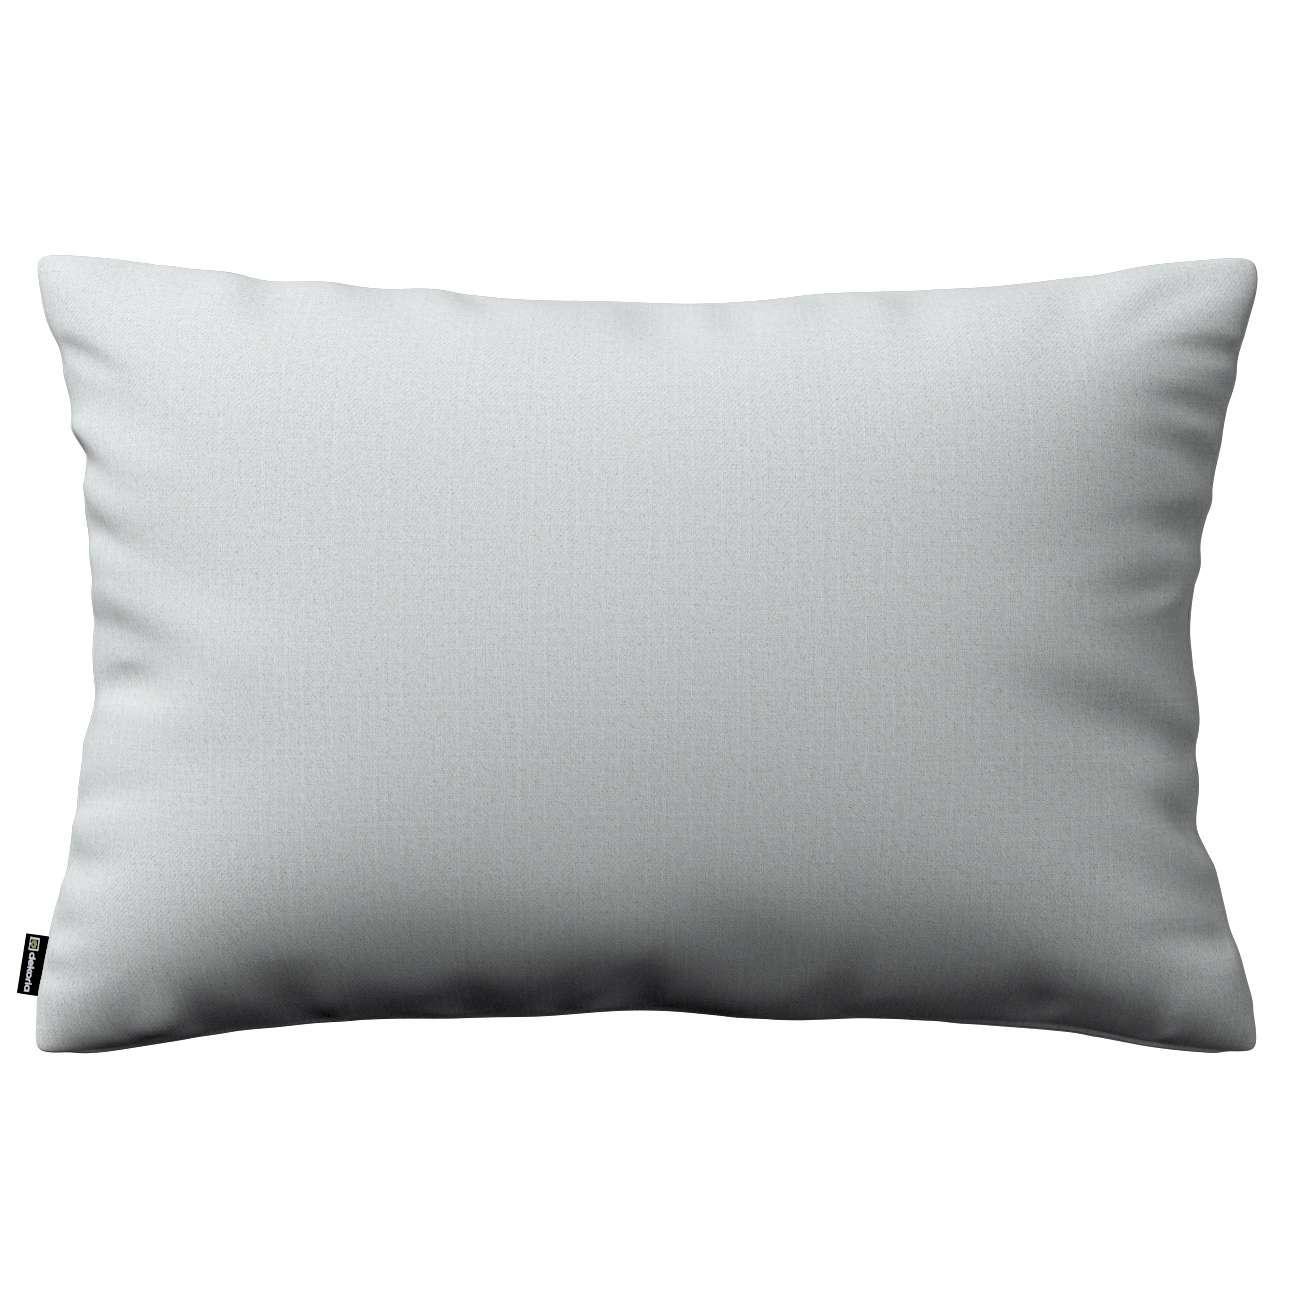 Poszewka Kinga na poduszkę prostokątną w kolekcji Living, tkanina: 161-18